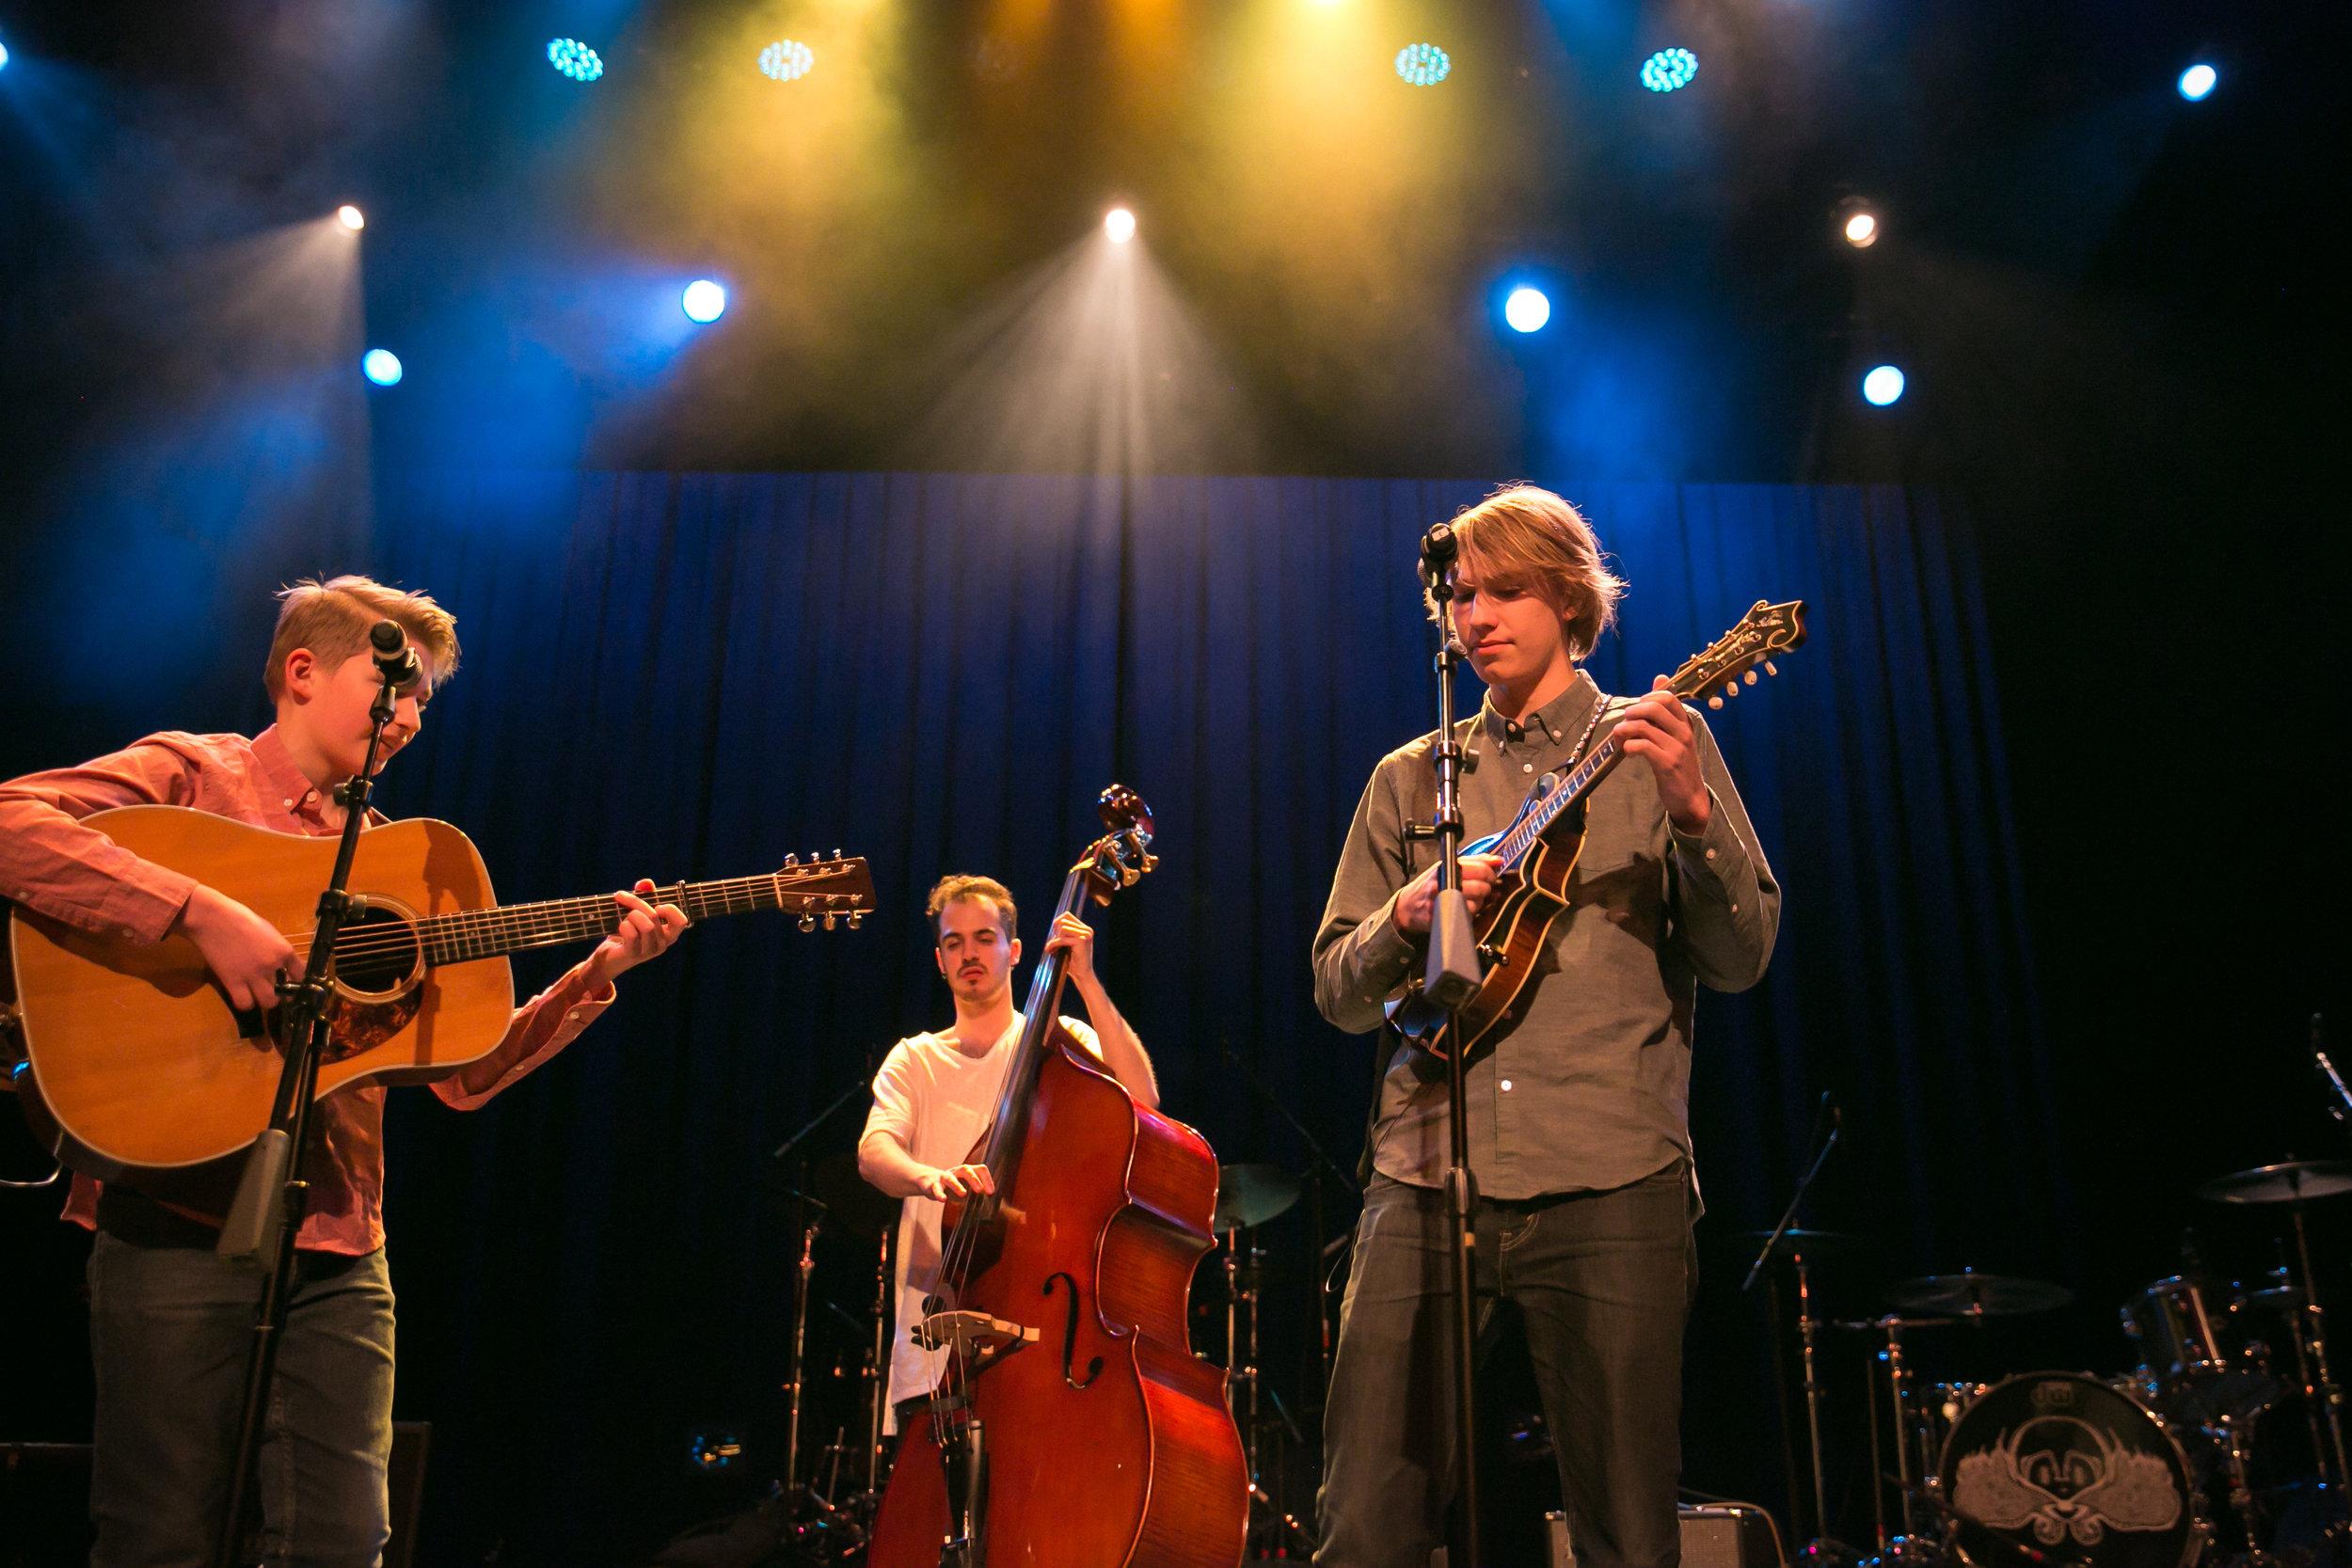 Brograss, Tashi Litch & Kaj Litch